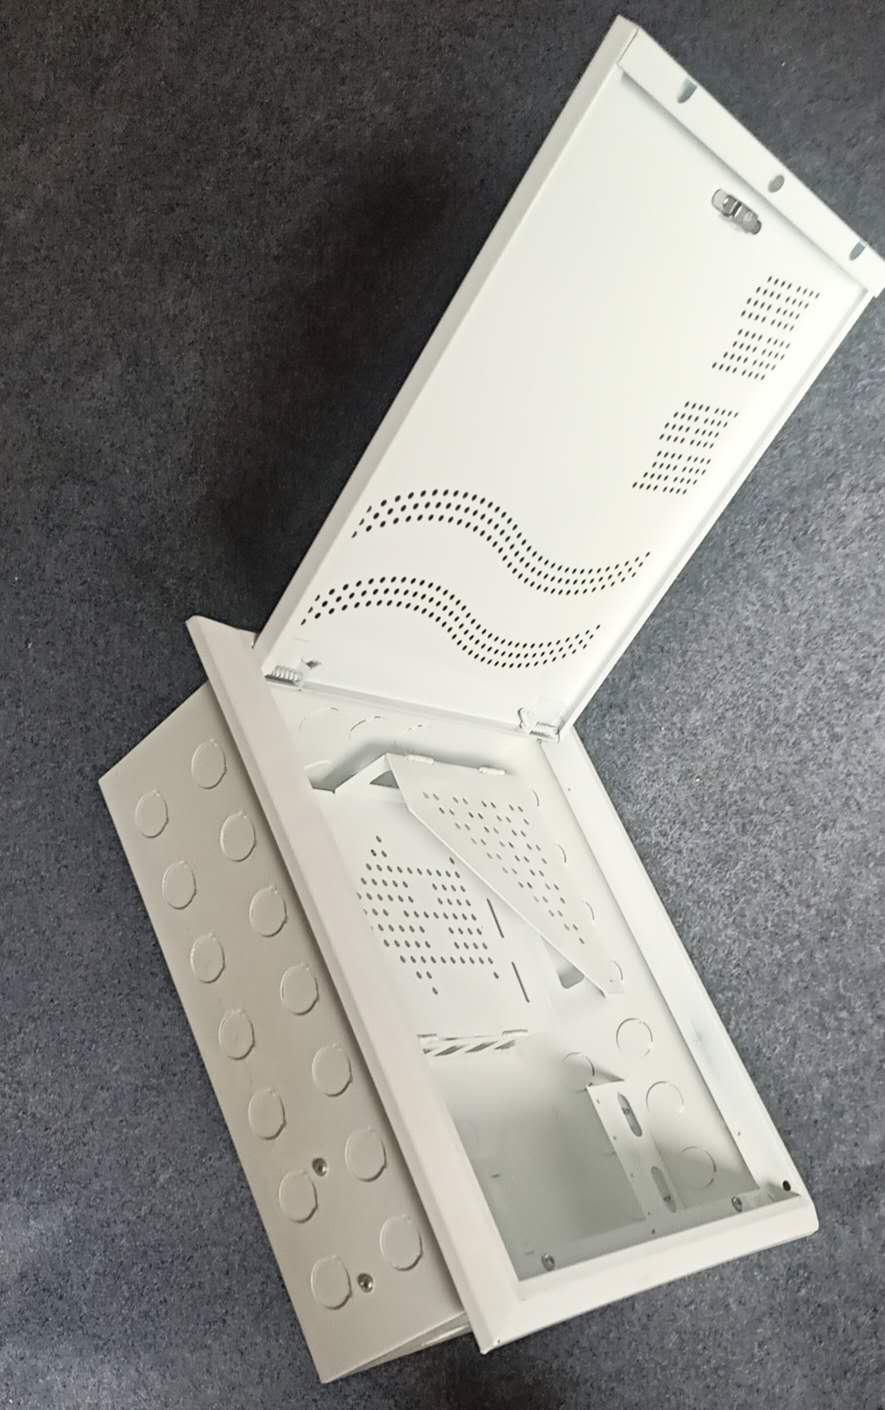 陕西联电UETX厂家直销光纤入户信息箱